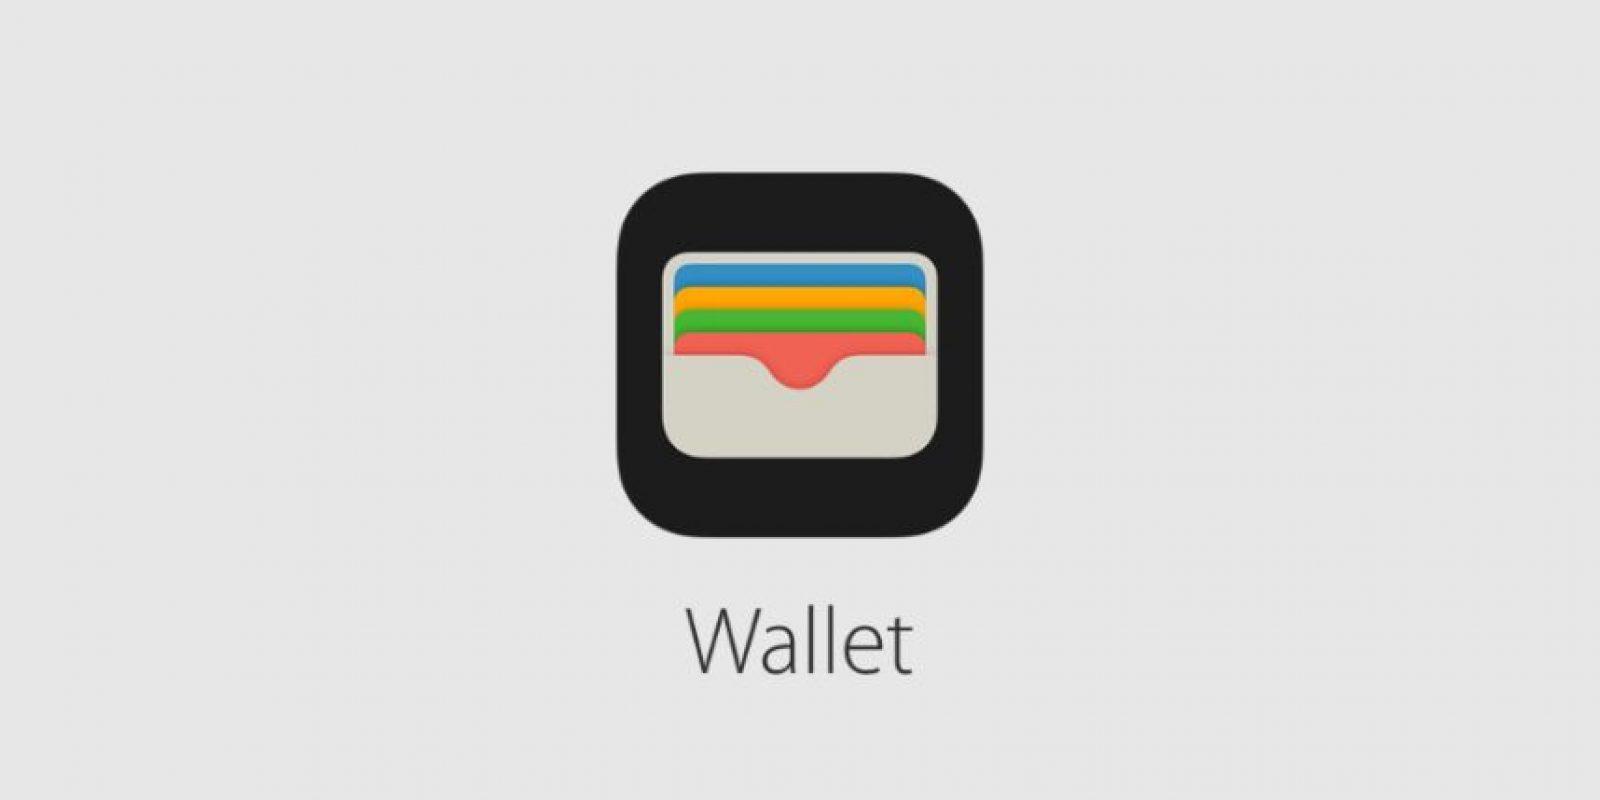 También se anunció el la actualización de app como Wallet Foto:Apple